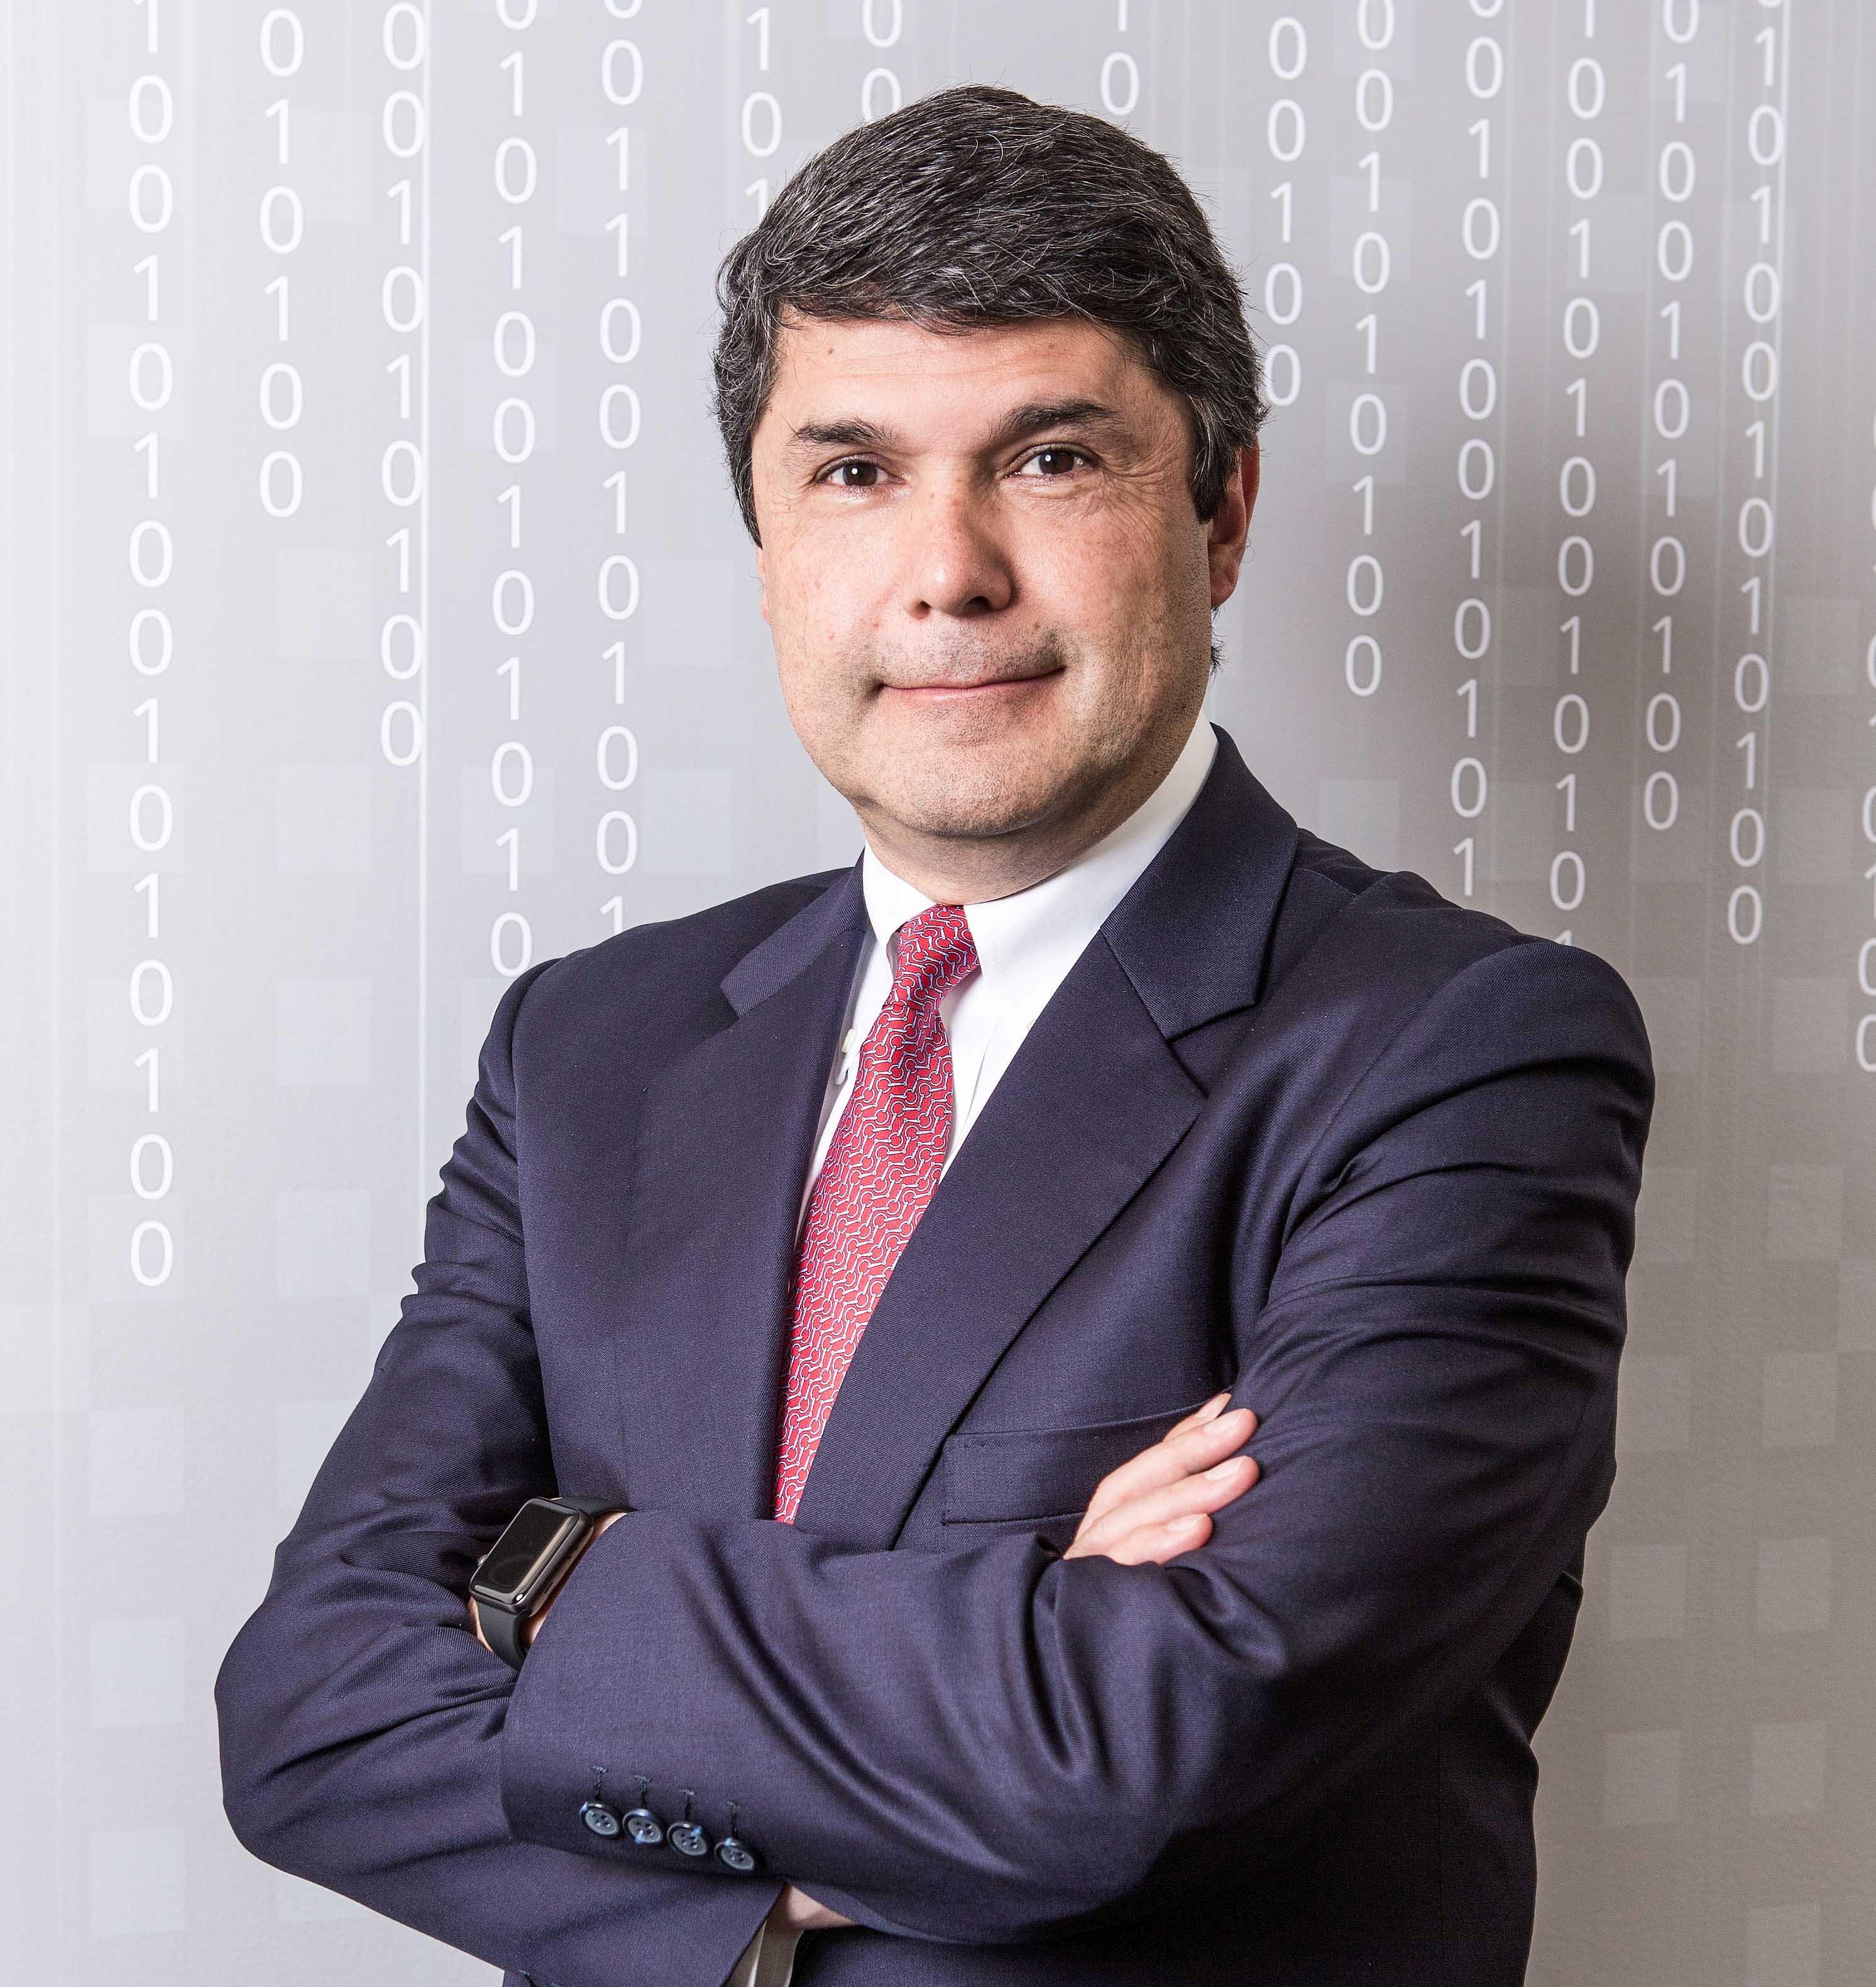 Jaime Alberto Upegui, elegido presidente de la Junta Directiva de ASOBANCARIA